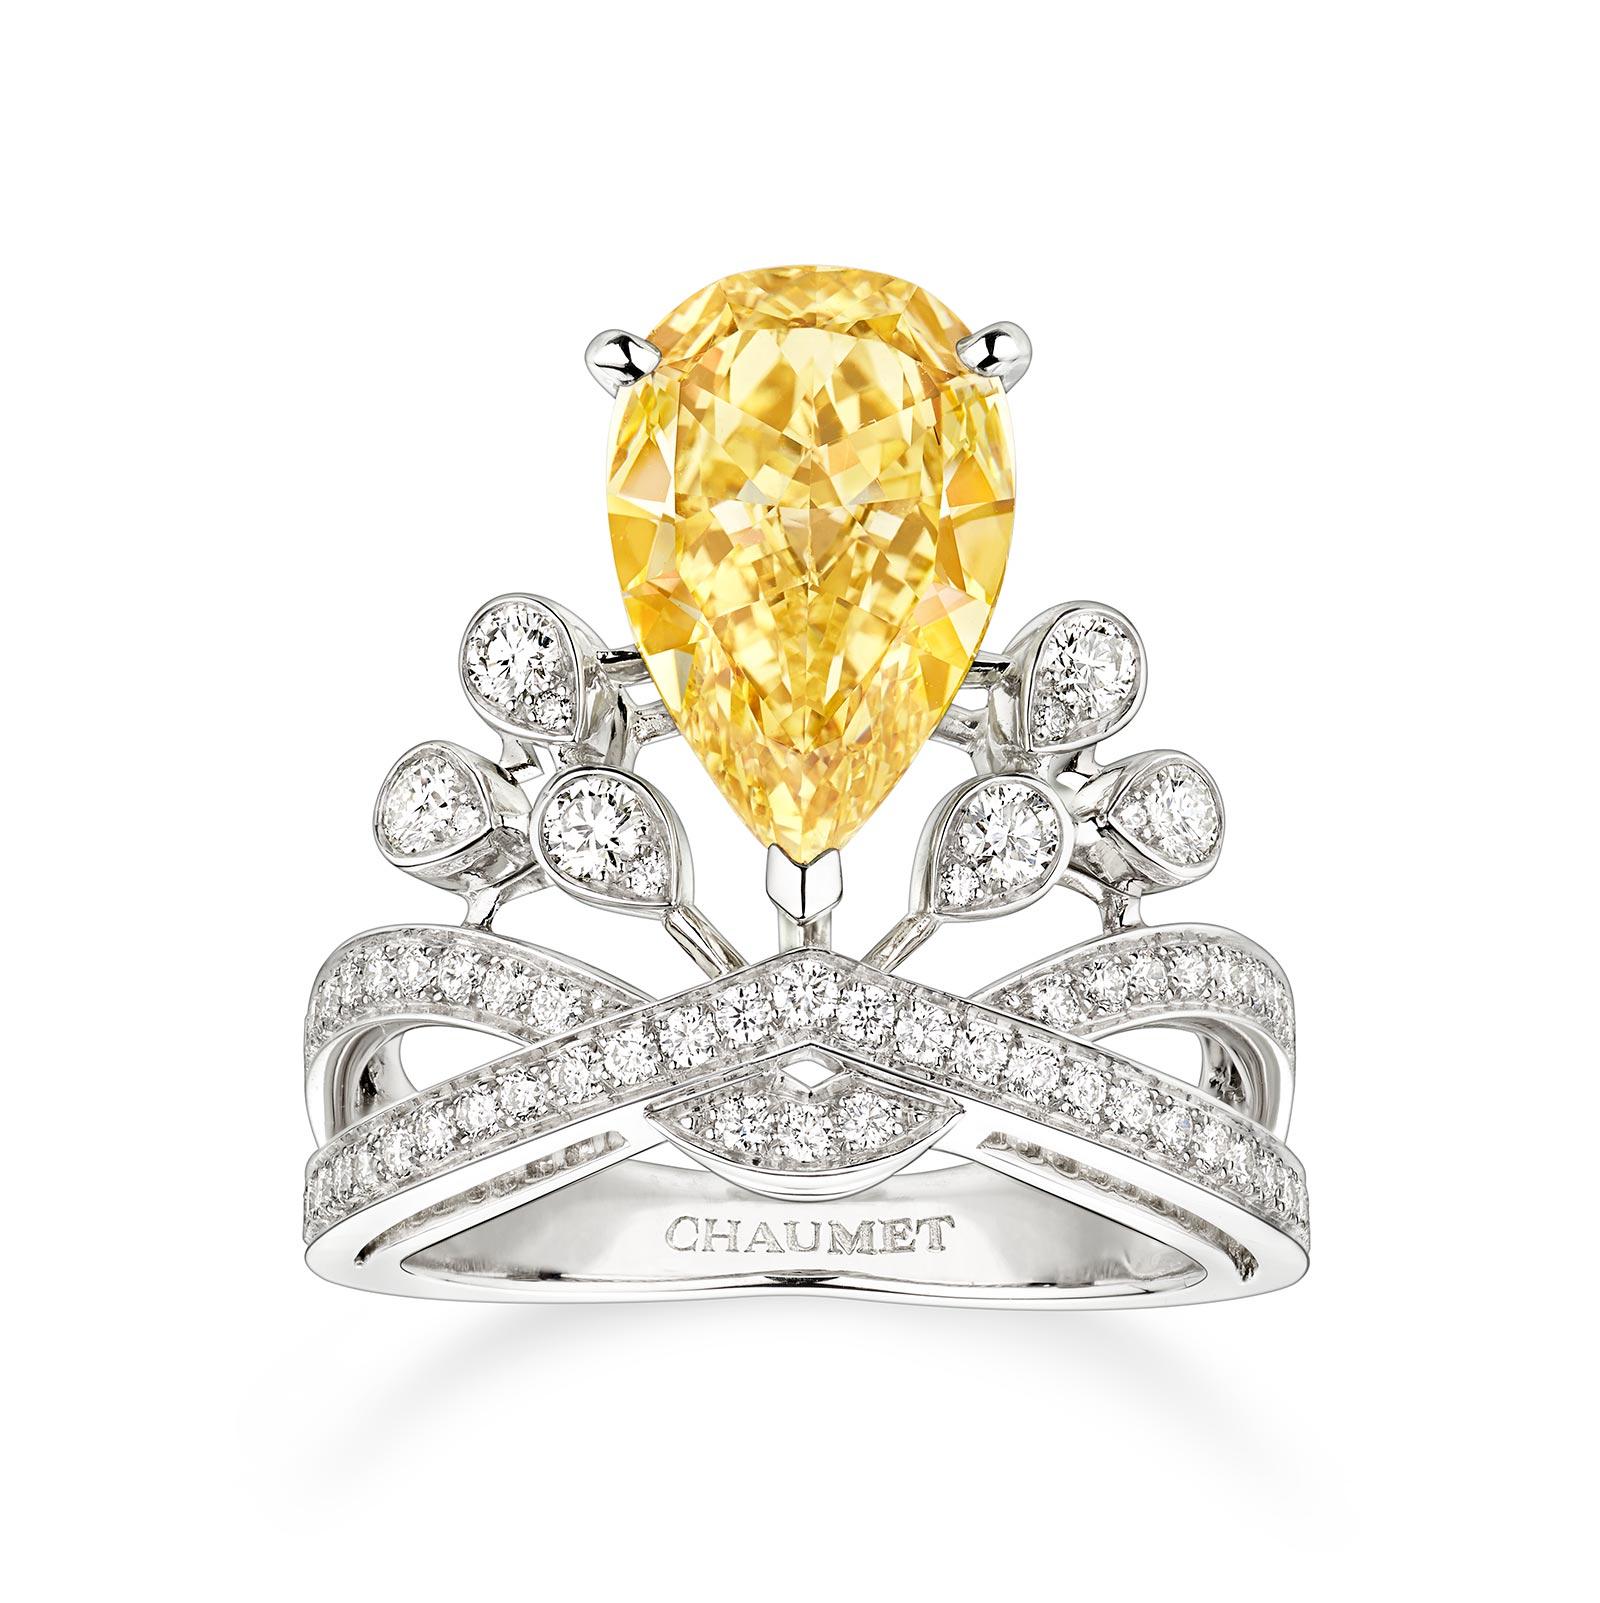 Chaumet Alta Gioielleria: Bague Josephine Diamant Jaune